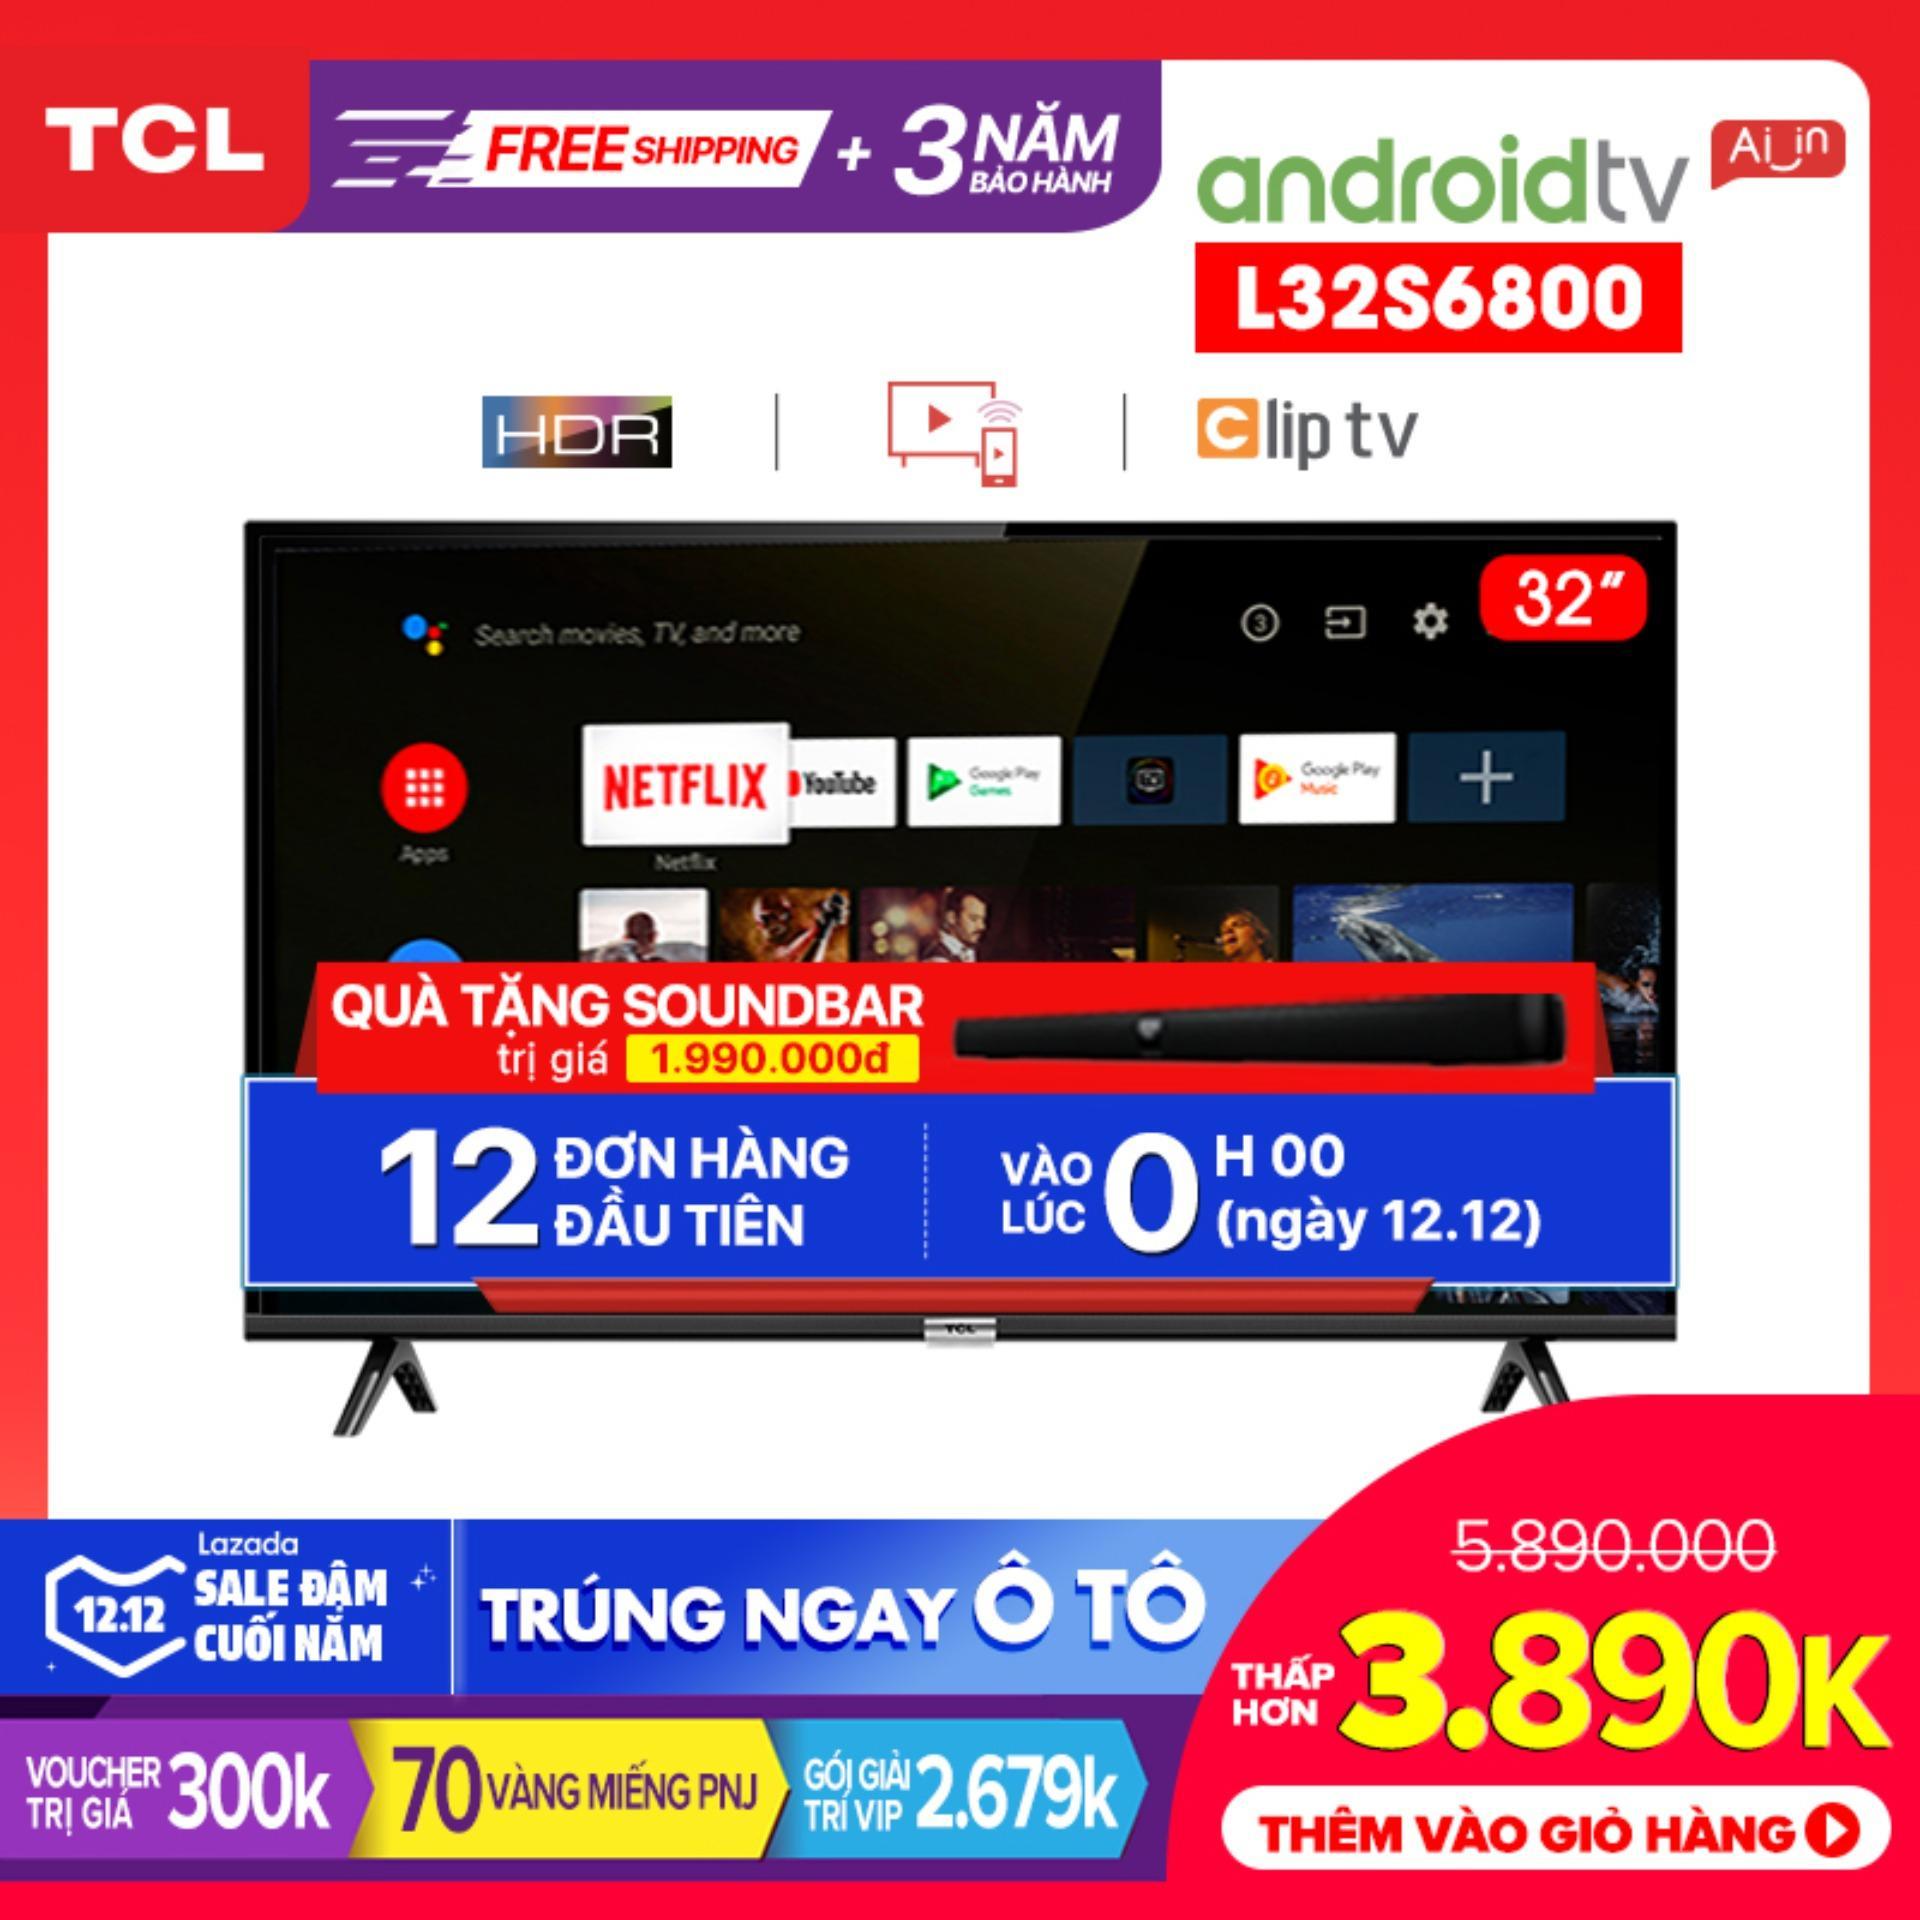 Mã Khuyến Mại tại Lazada cho Smart TV TCL Android 8.0 32 Inch HD Wifi - L32S6800 - HDR, Micro Dimming, Dolby, Chromecast, T-cast, AI+IN - Tivi Giá Rẻ Chất Lượng - Bảo Hành 3 Năm